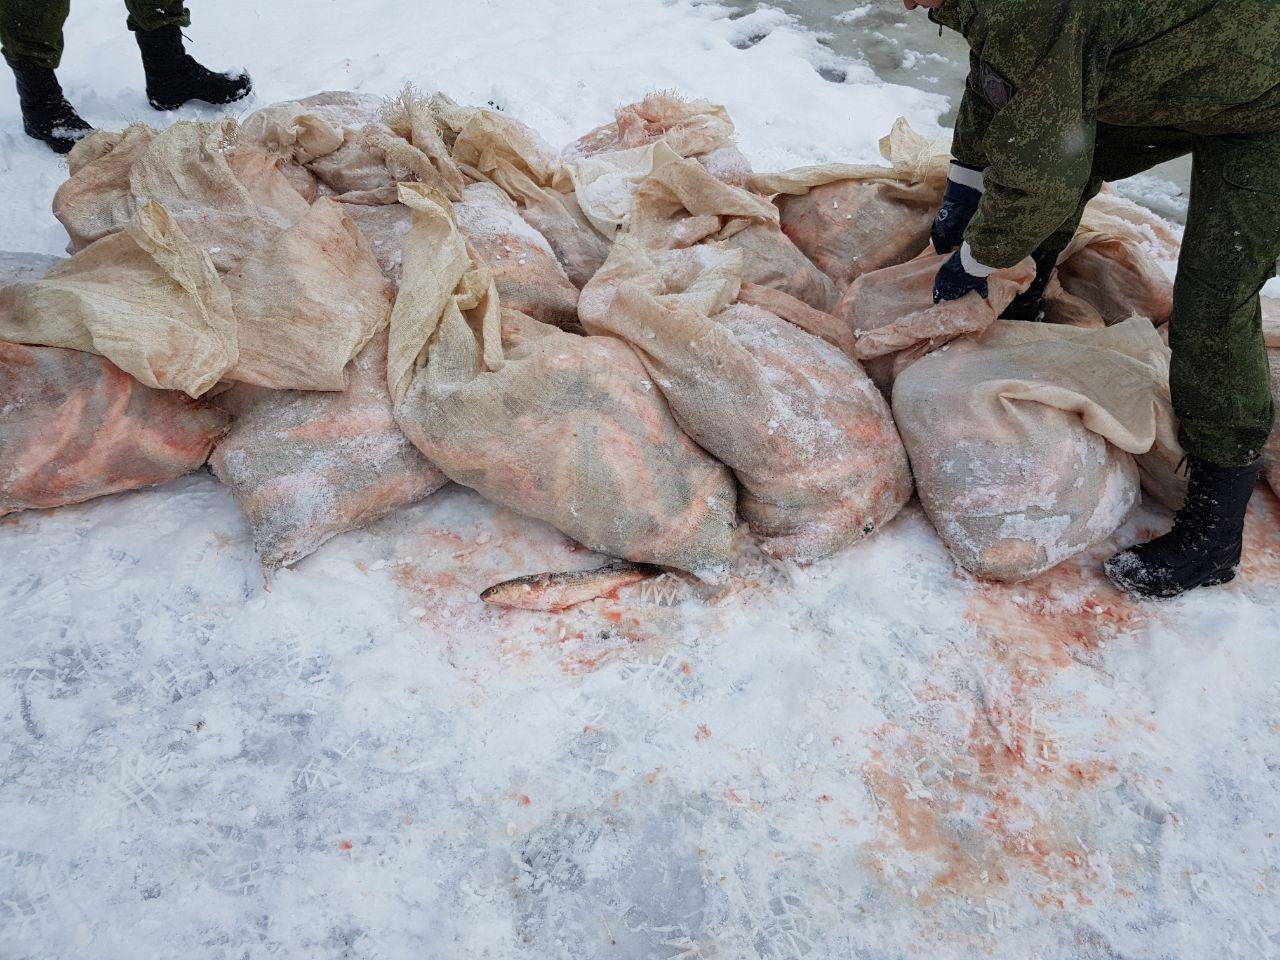 Под Таганрогом пограничники задержали браконьера с уловом на сумму более 1,8 млн. рублей